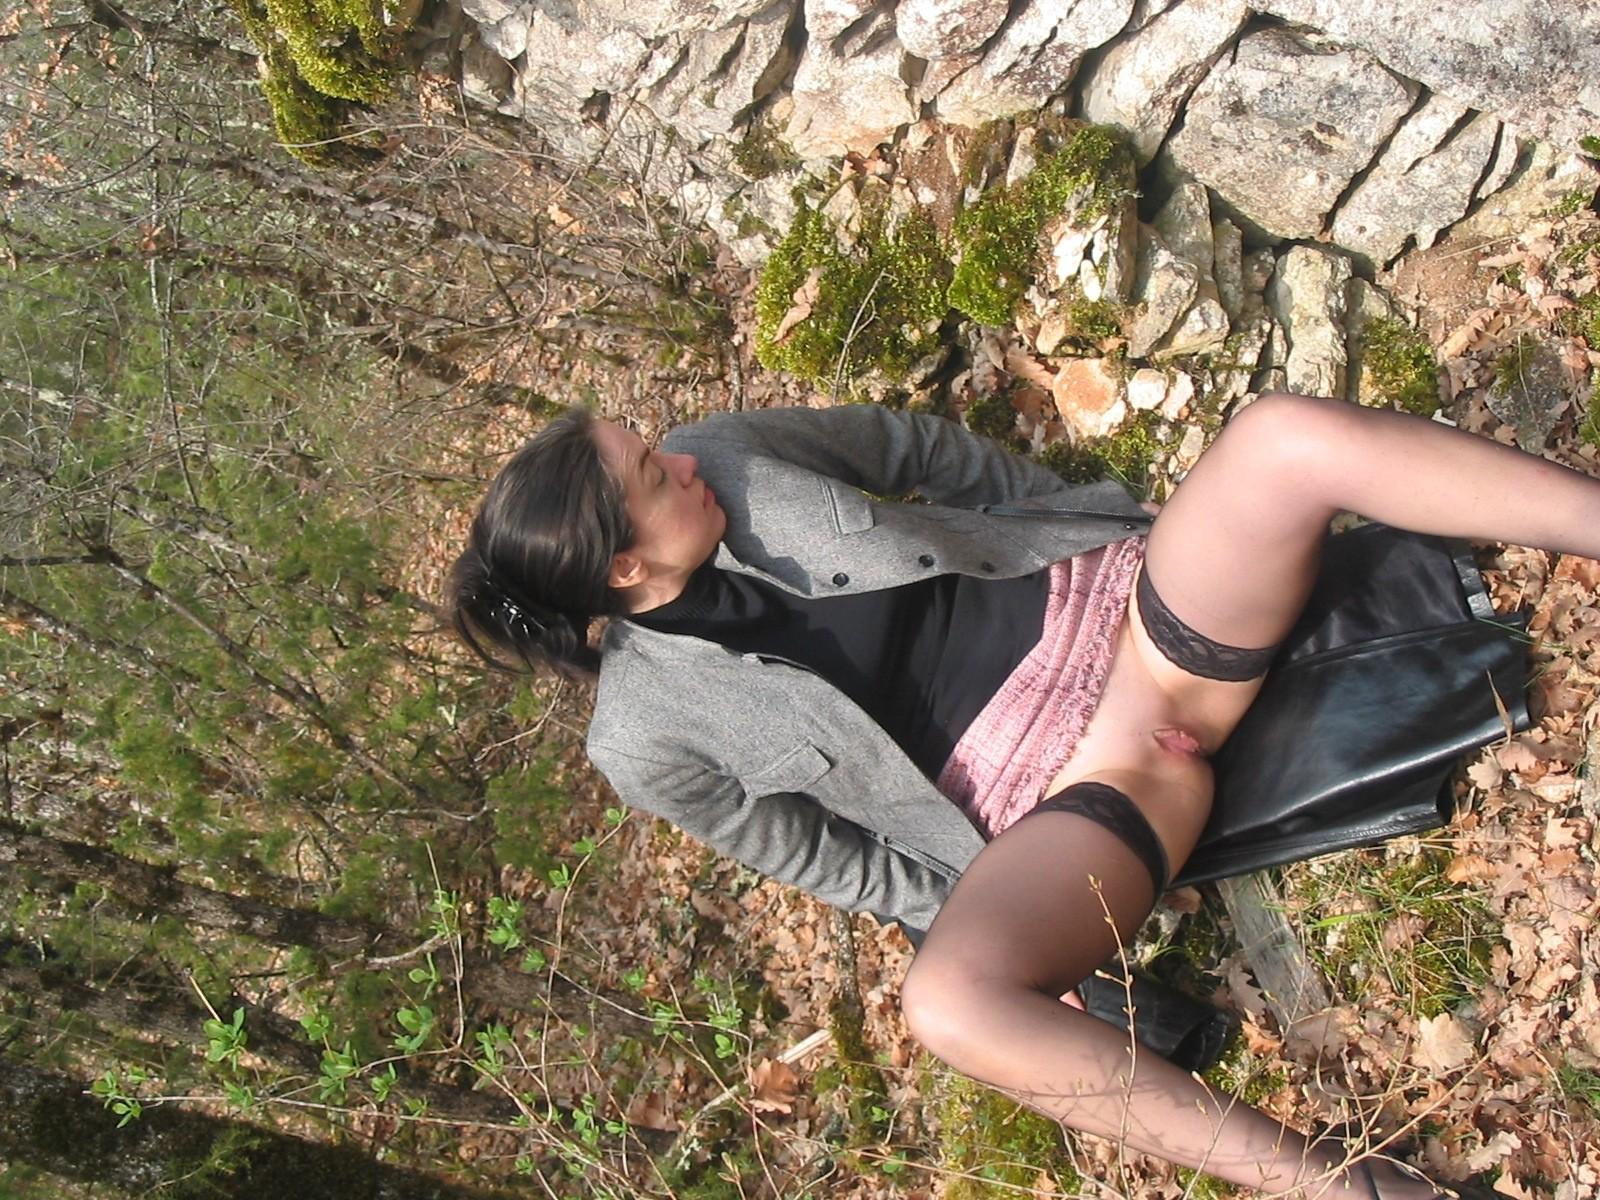 Француженка показывает пизду в лесу